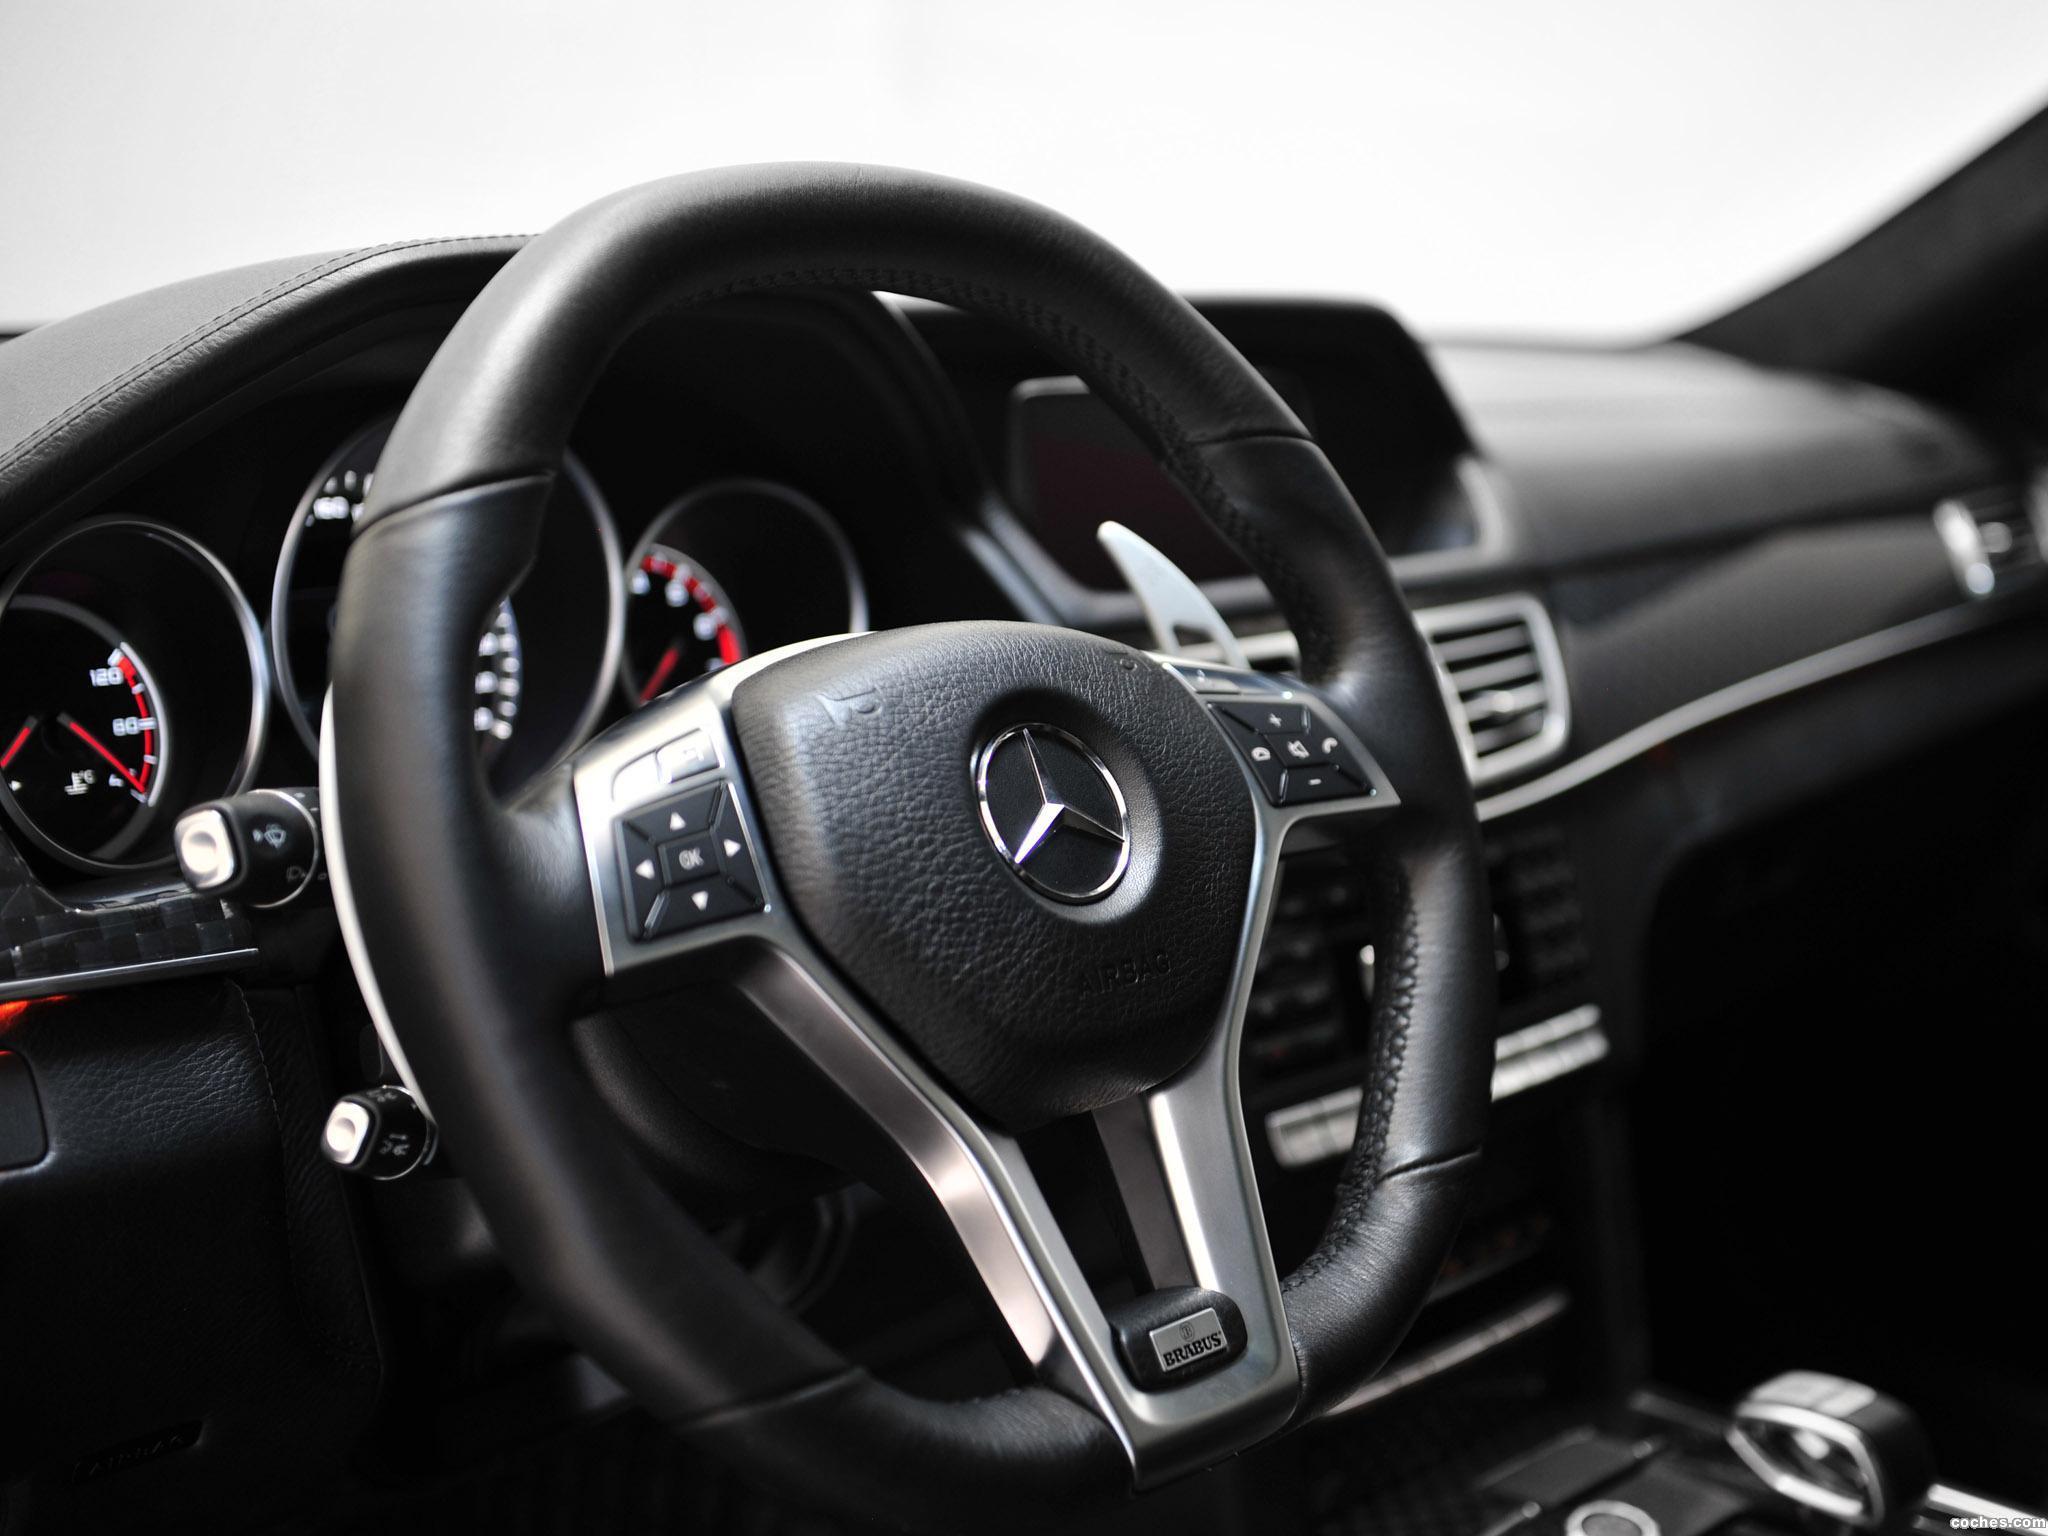 Foto 11 de Brabus Mercedes Clase E AMG E63 850 6.0 Biturbo 2013